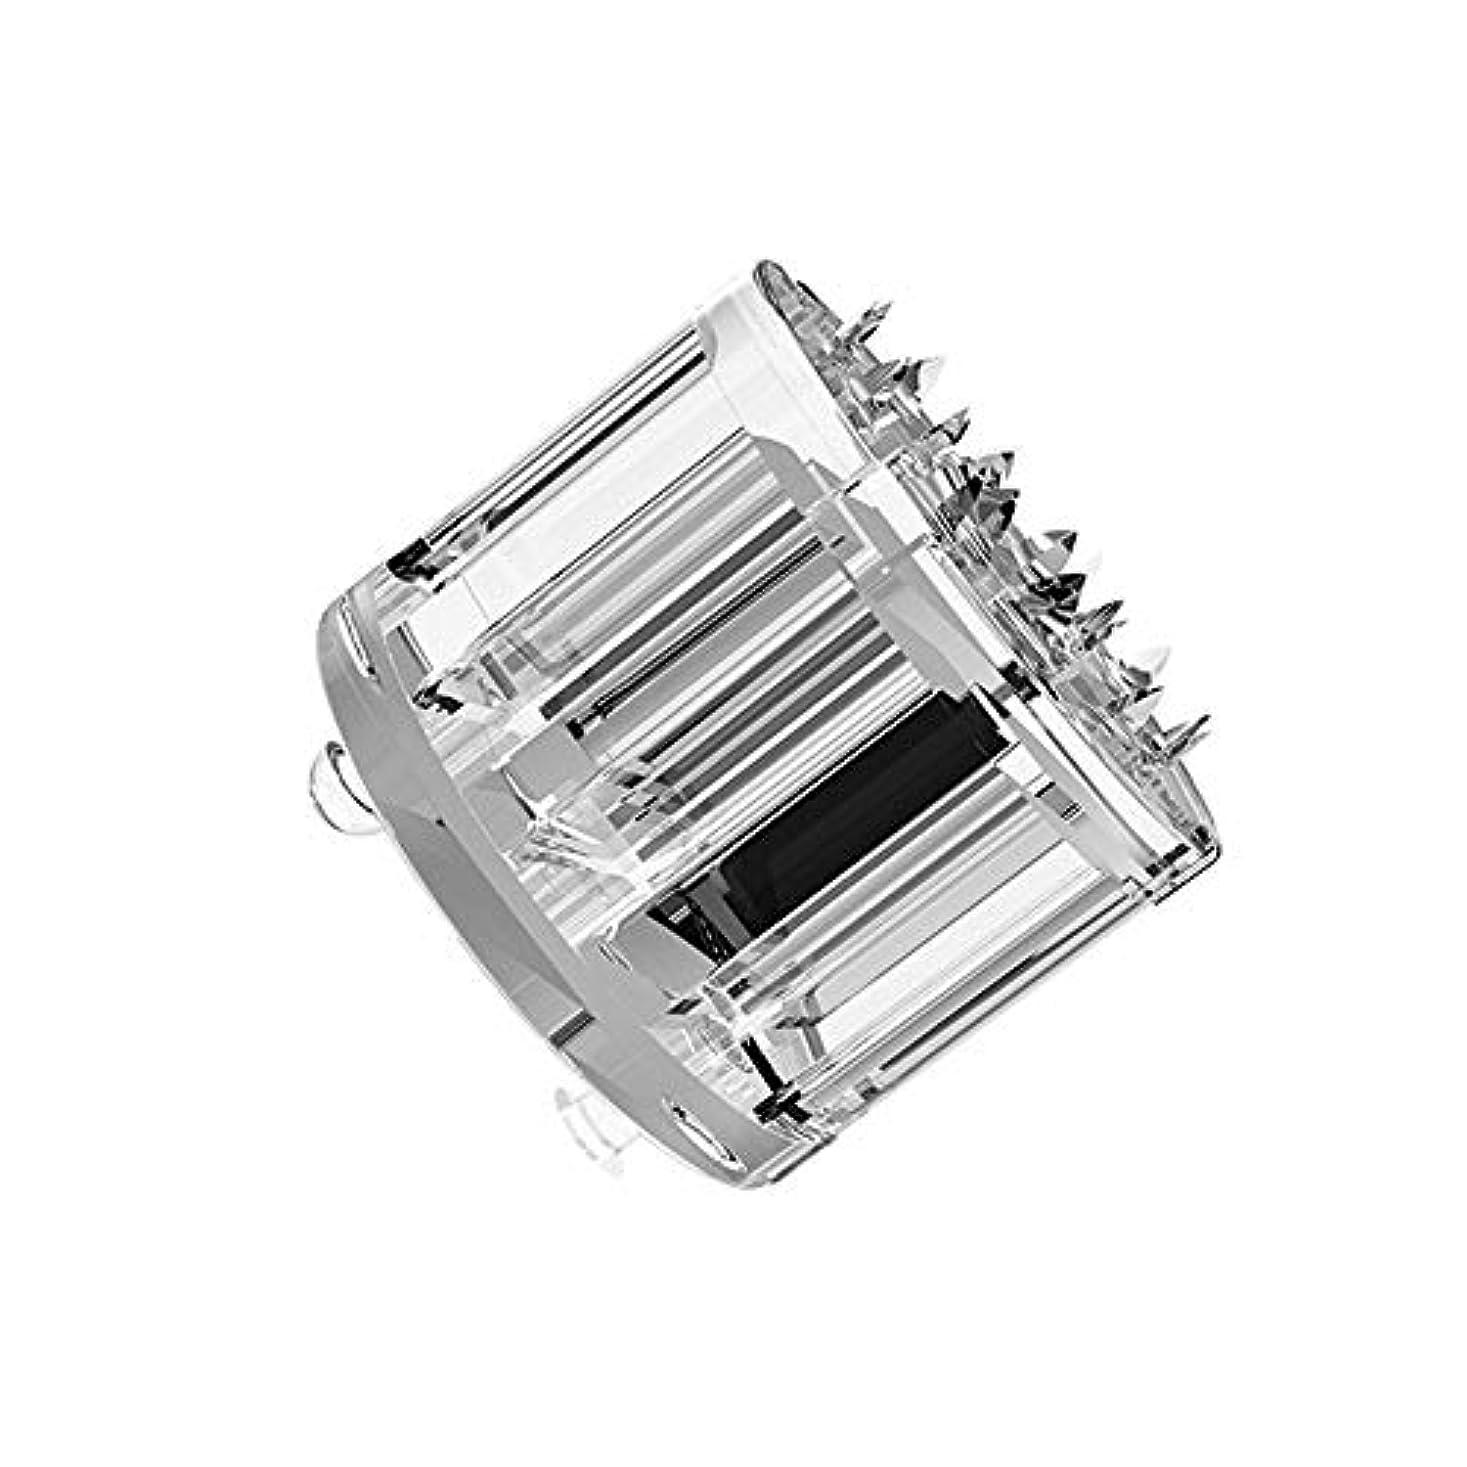 囲い放出勘違いするMTS Home Care Micro pin-10ea (ticktok用) ティク ホームケア マイクロピン 化粧品の浸透 コラーゲン 肌の弾力 アップ マイクロピン 毛穴や小じわ 角質ケア